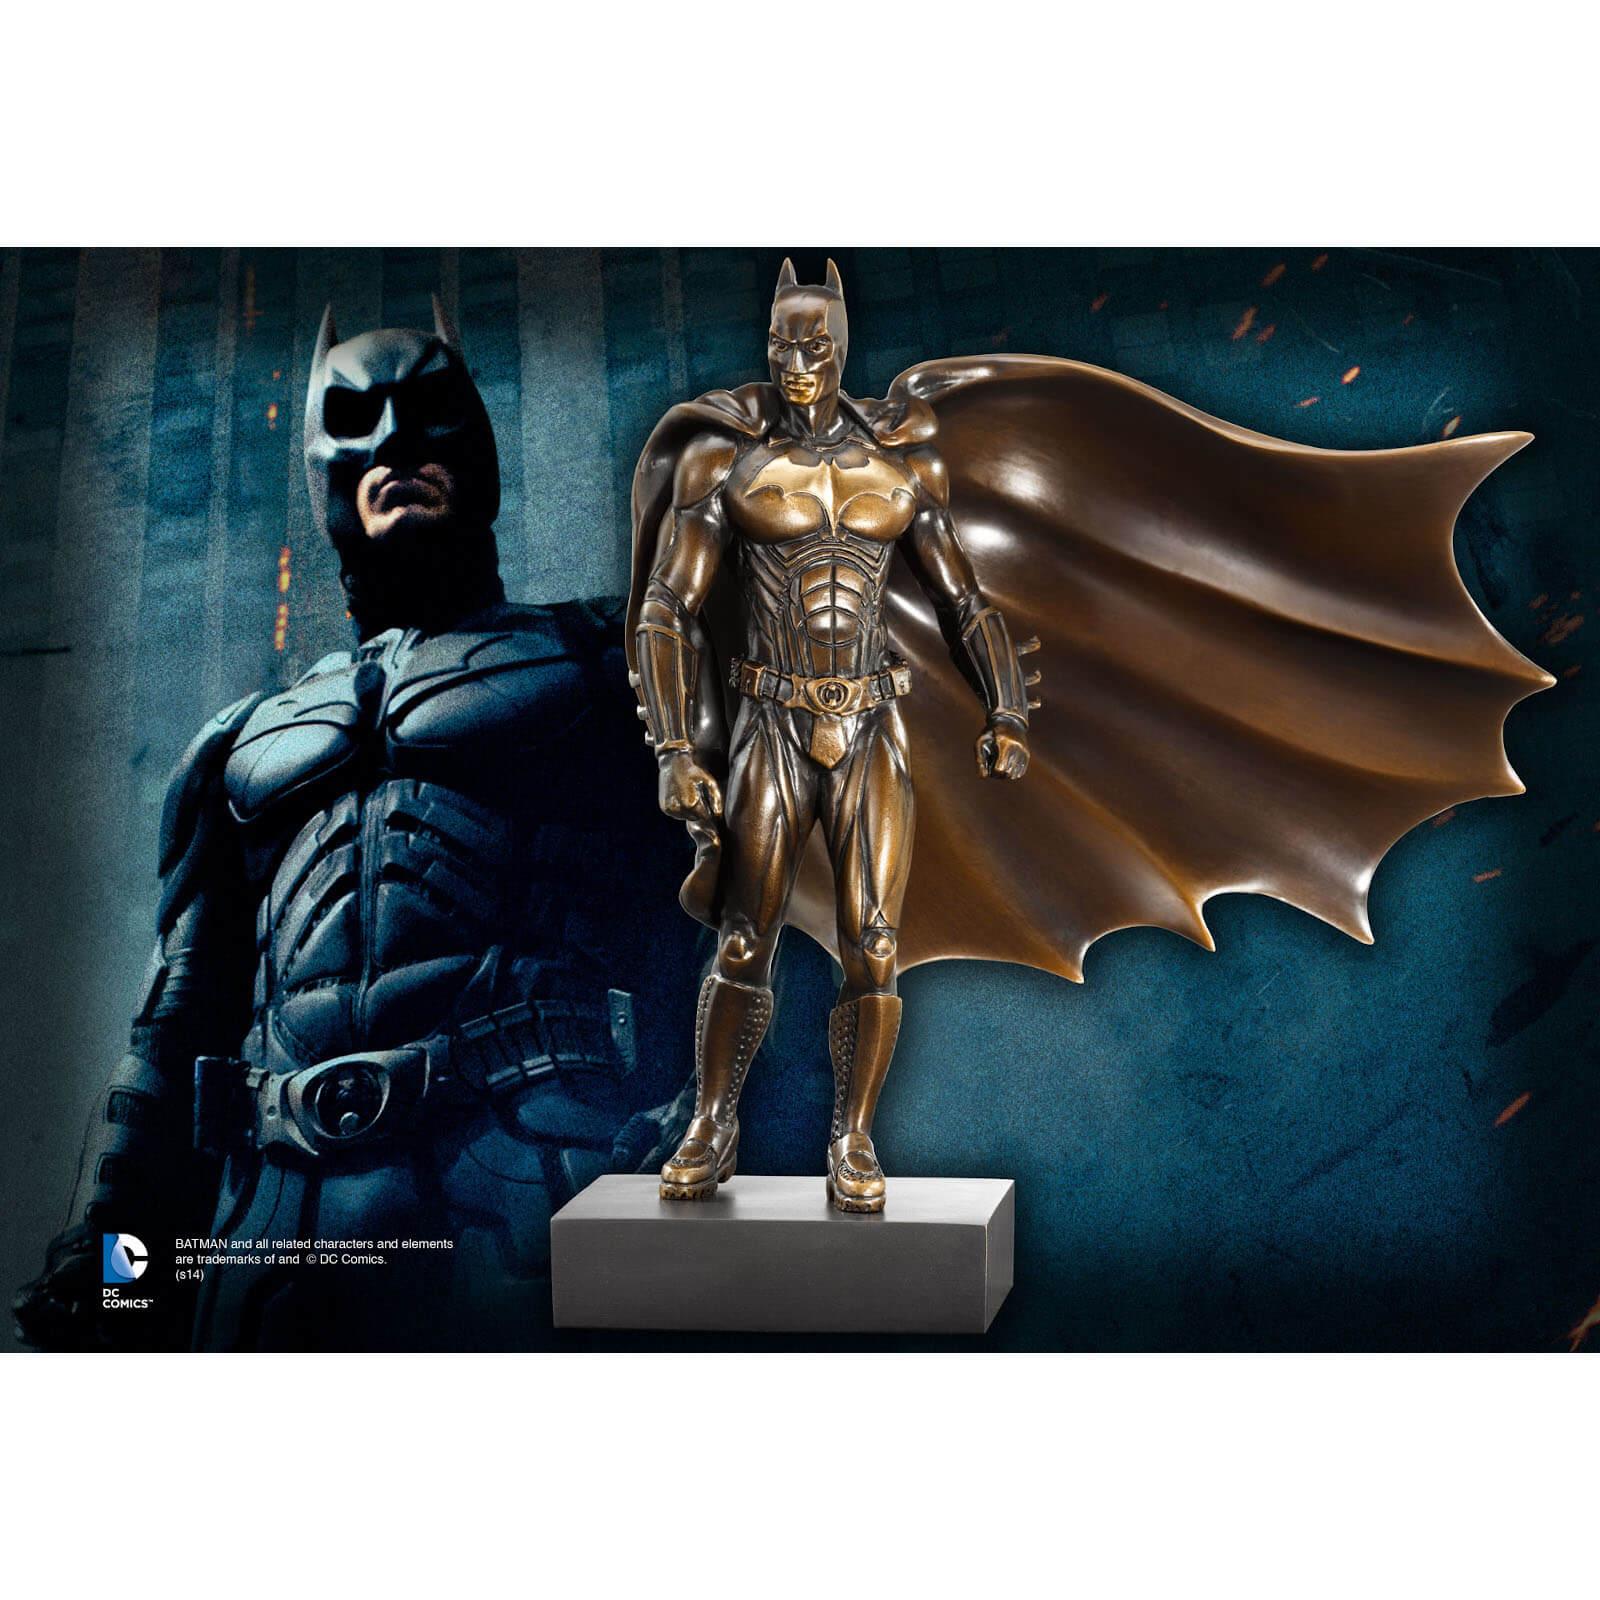 Image of DC Comics Batman Begins Bronze Sculpture